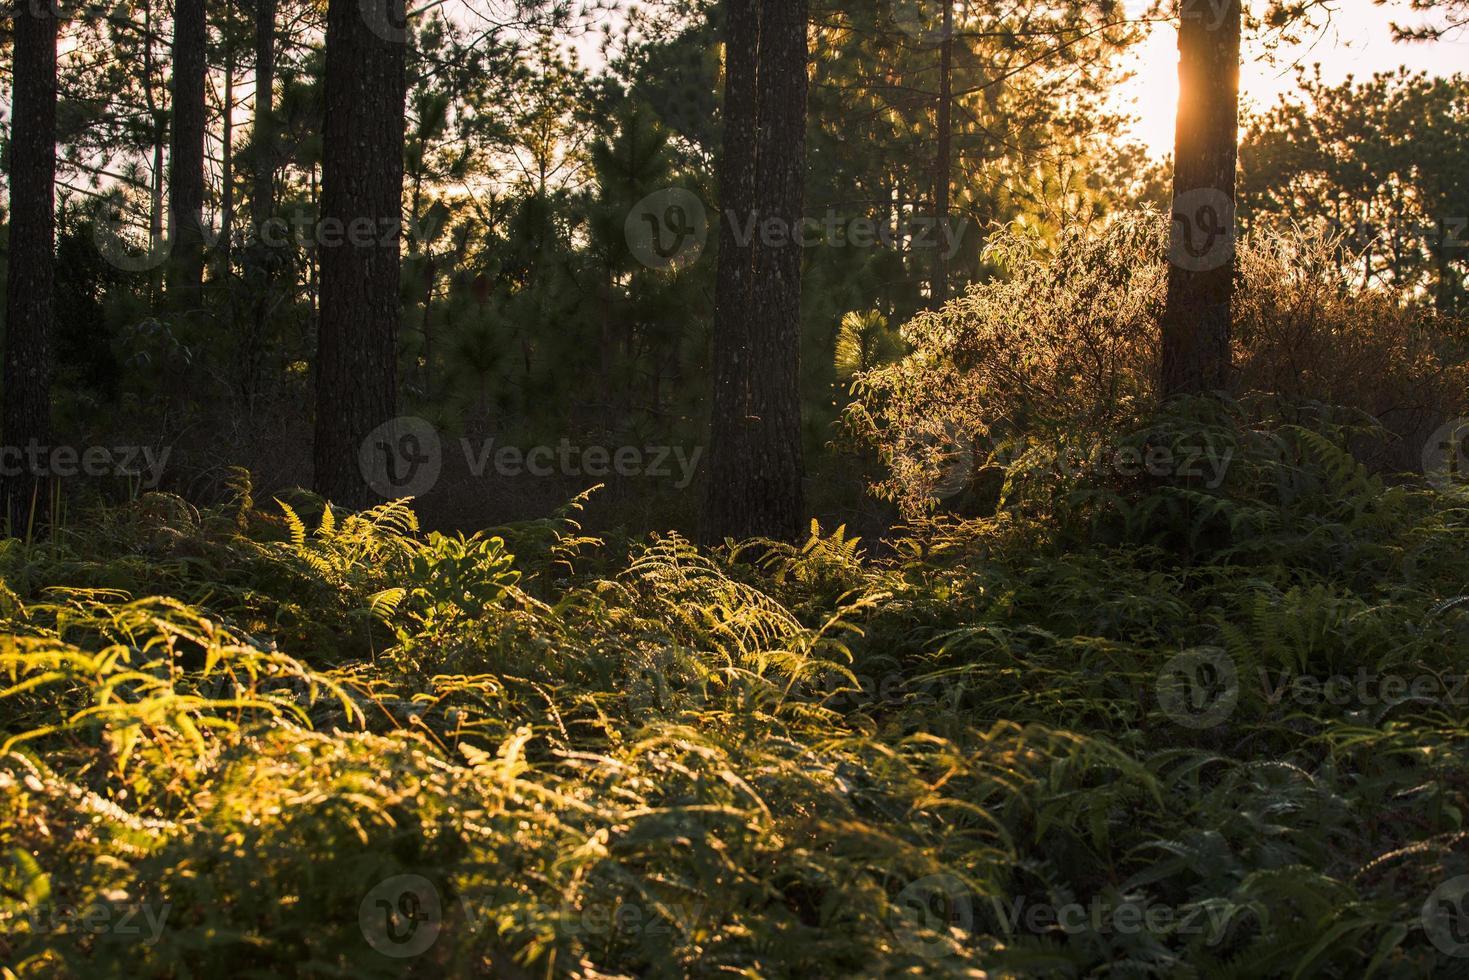 des rayons de soleil traversent les feuilles d'automne photo